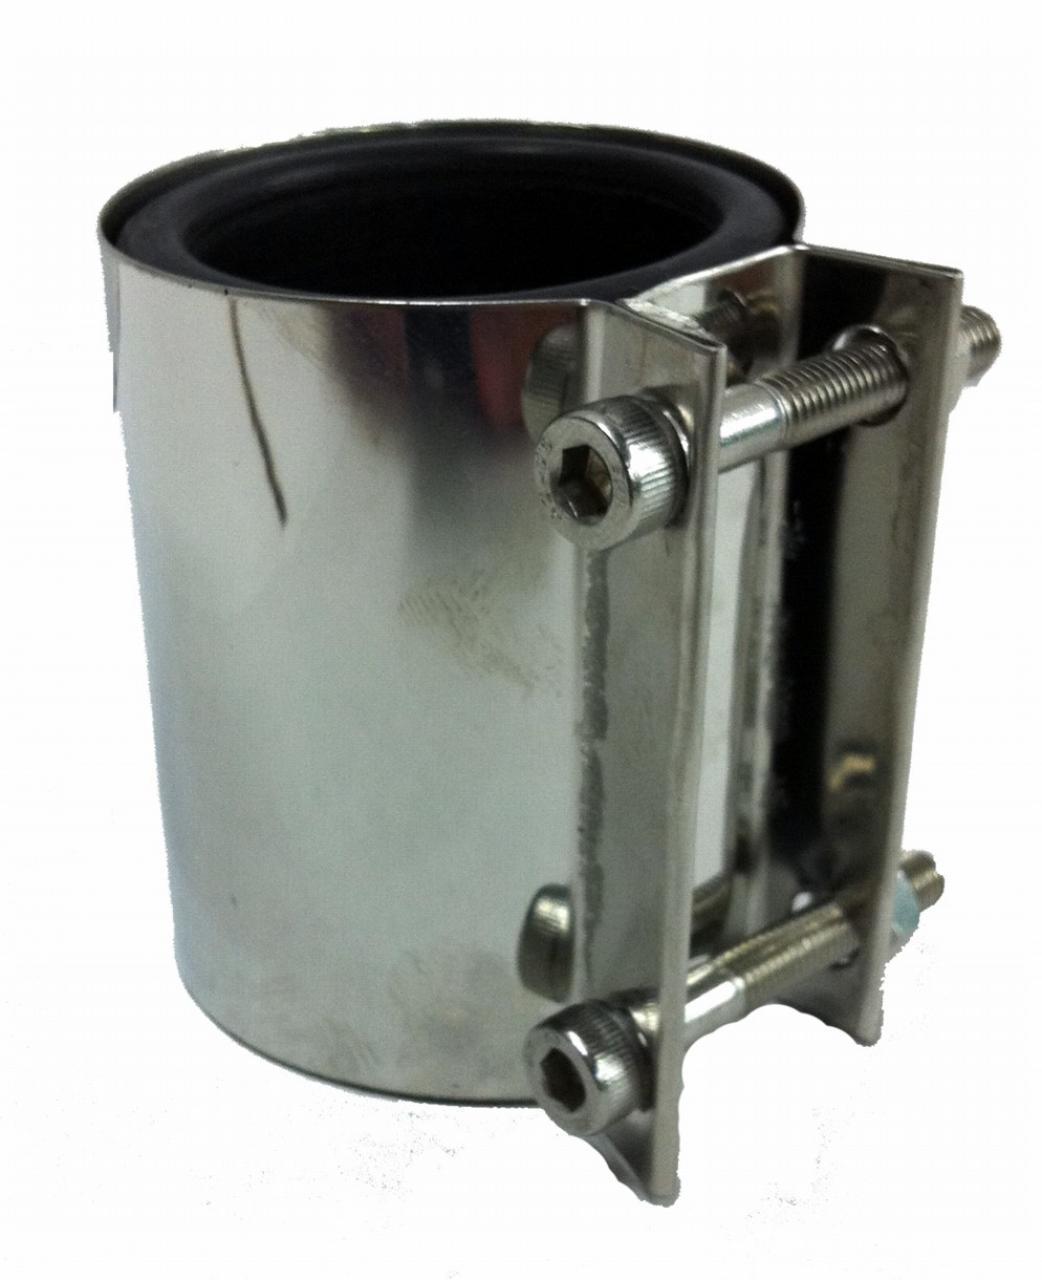 UNIAO EM INOX PARA TUBO DE 50MM (C/BORRACHA)